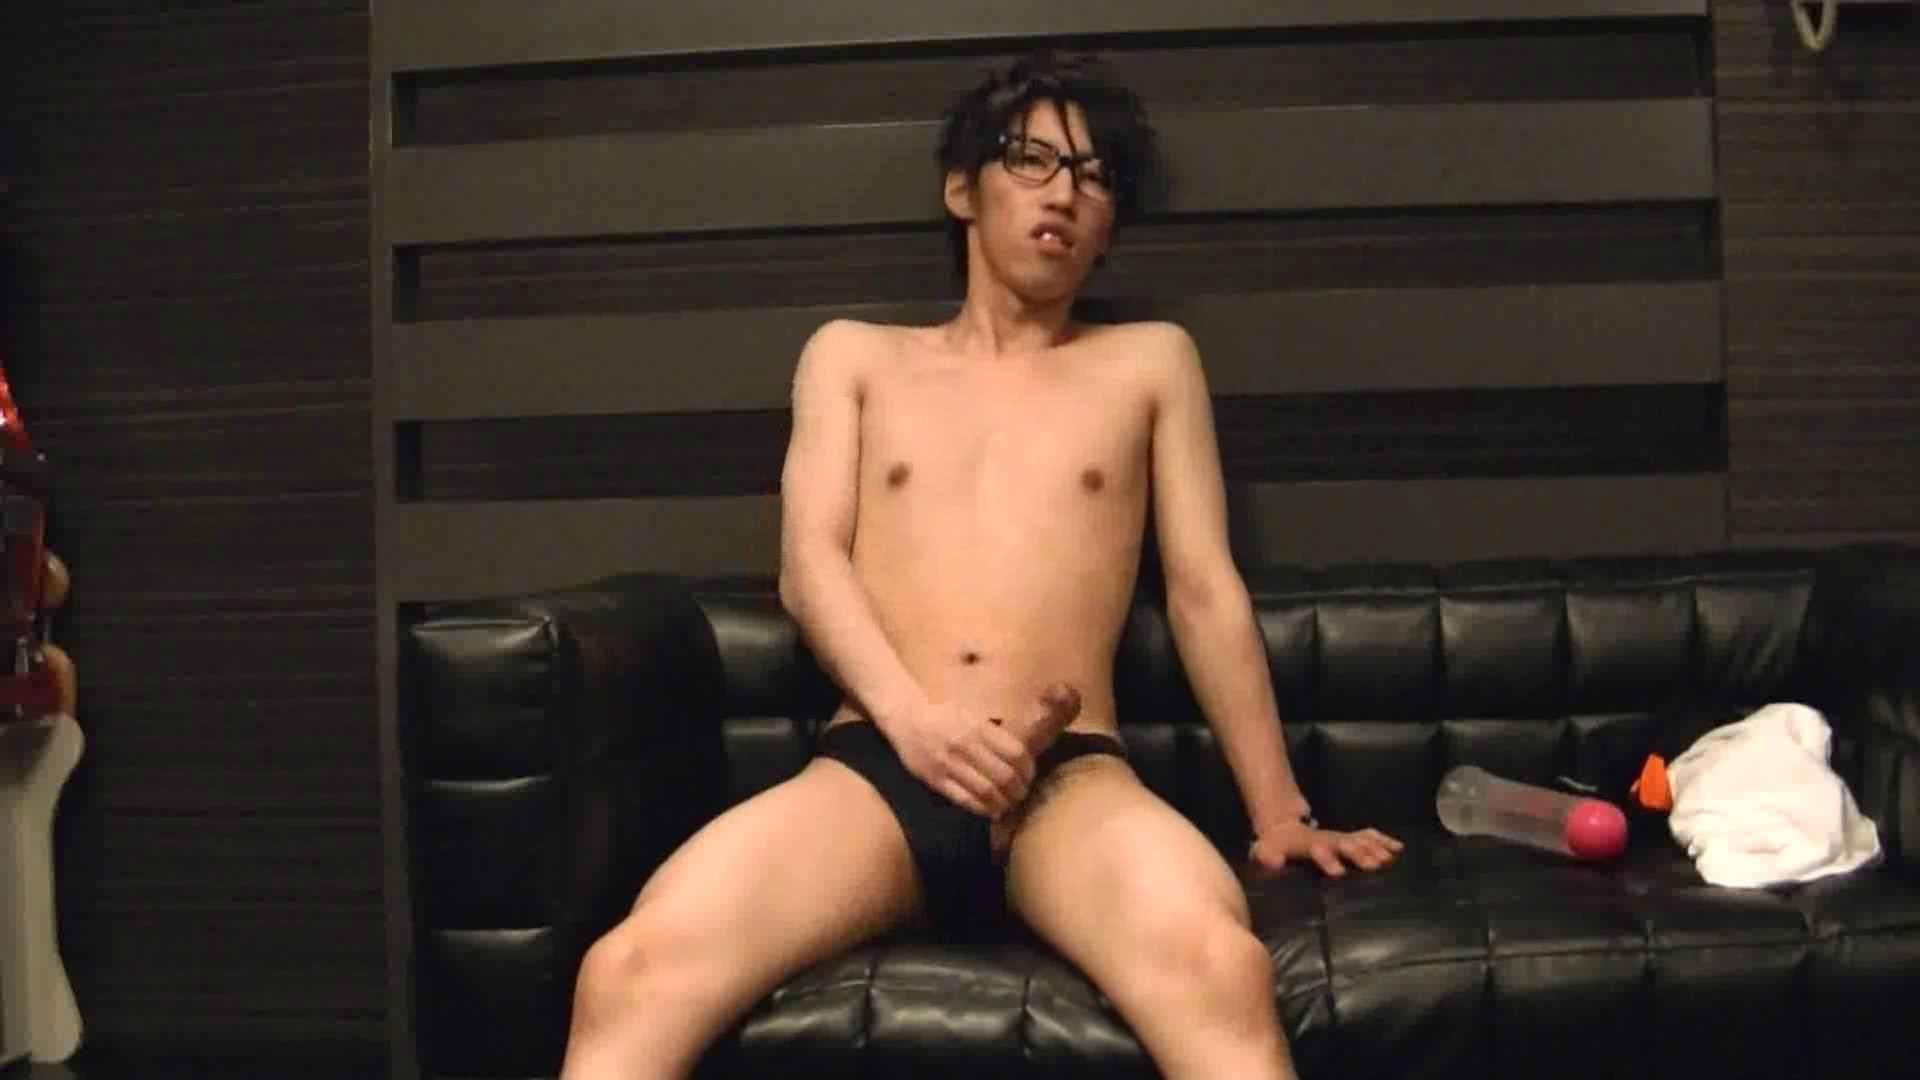 ONA見せカーニバル!! Vol3 男の世界 | オナニー専門男子  98画像 55